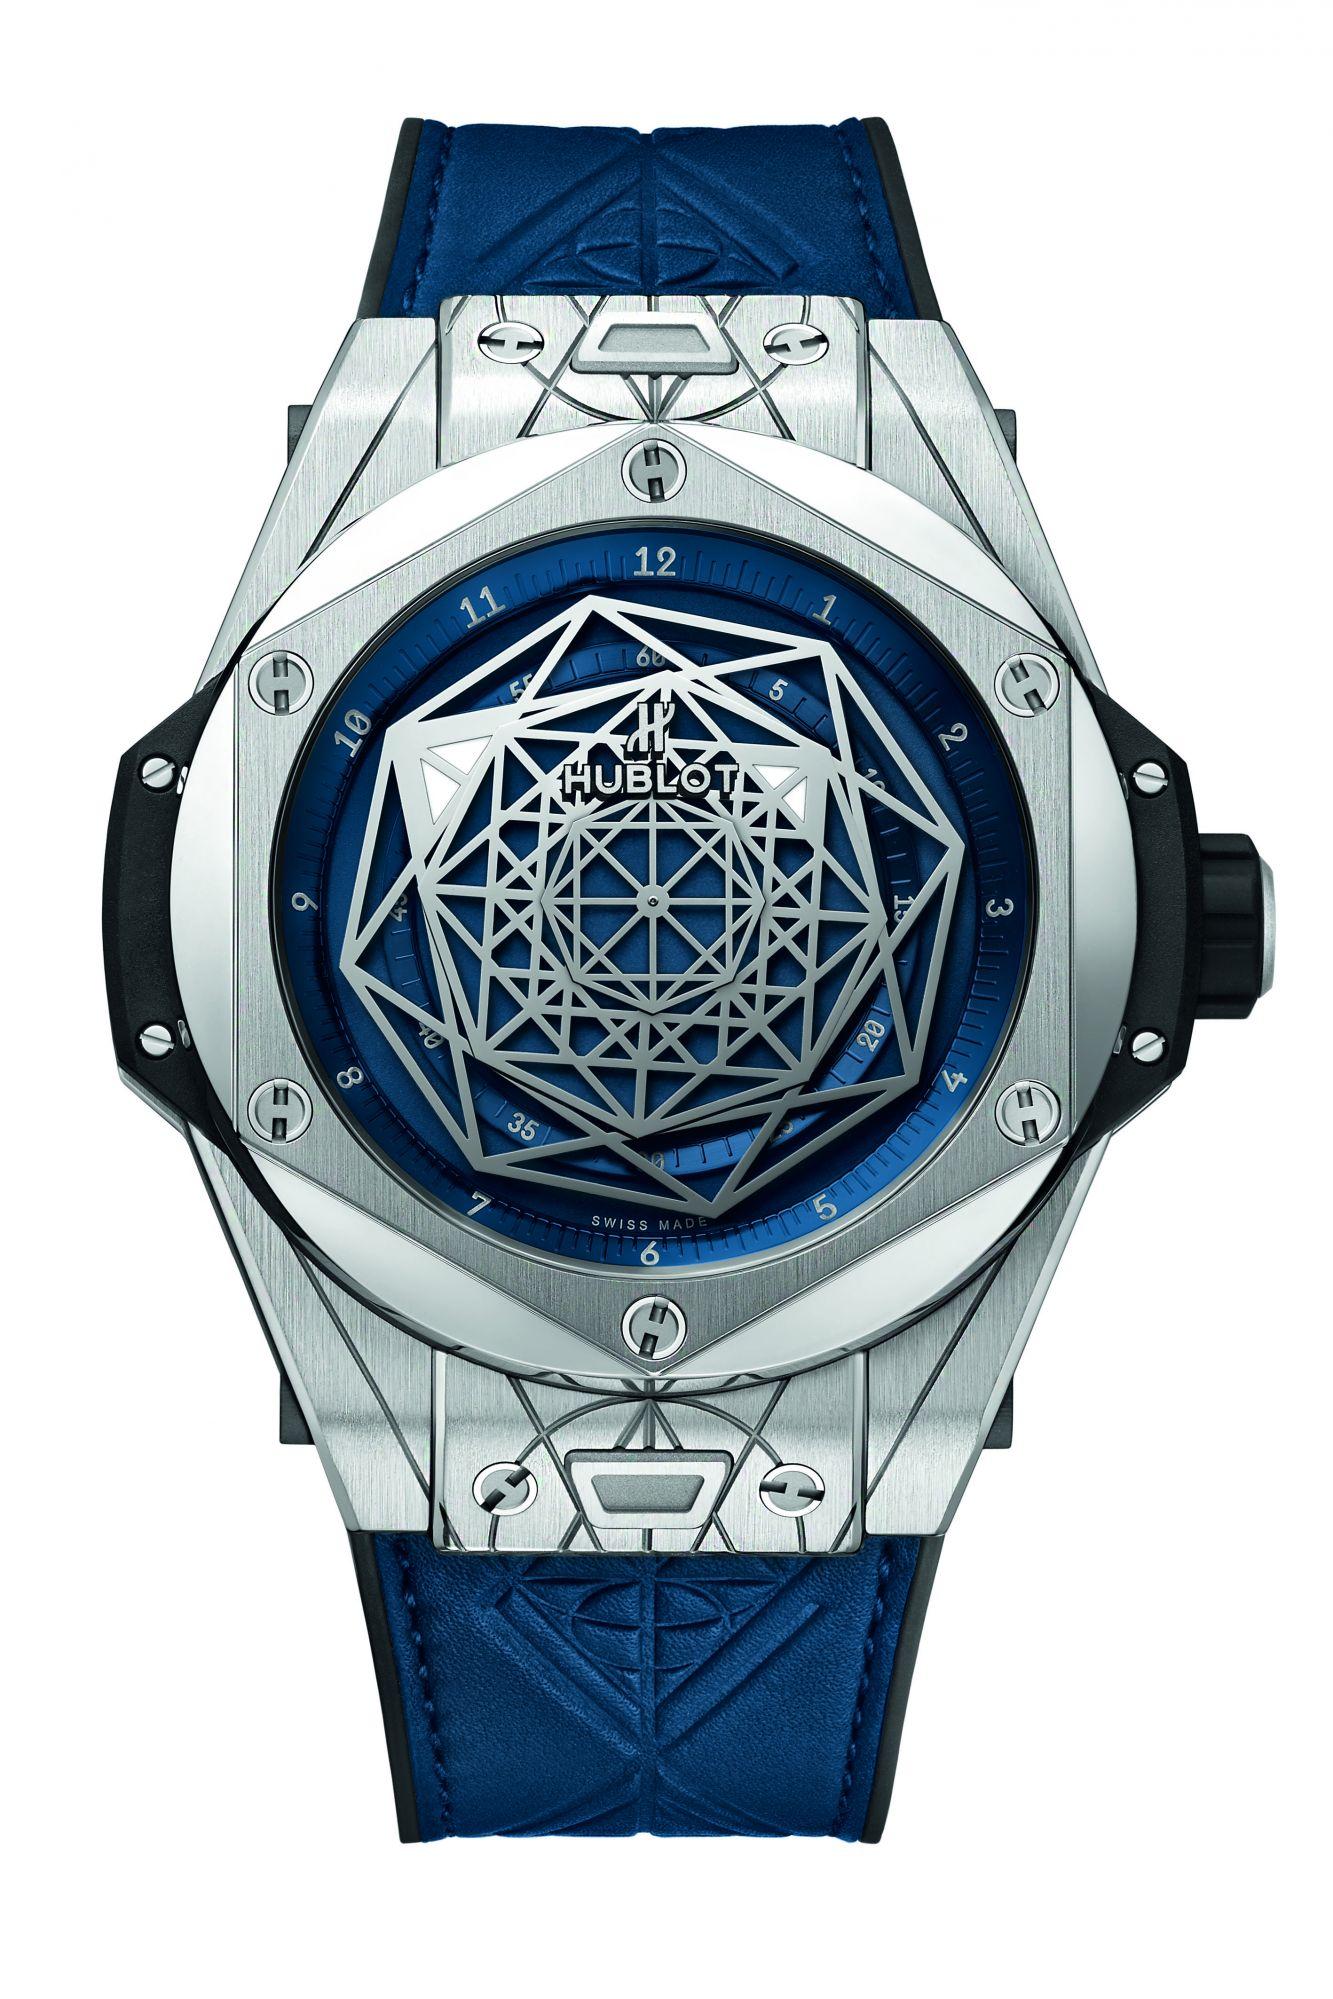 比創意更有新意 HUBLOT爐火純青的製錶魔法